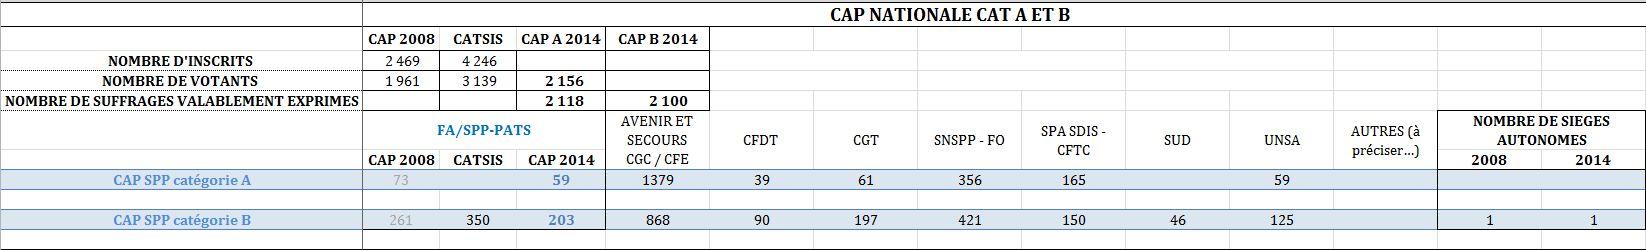 RESULTATS CAP OFFICIERS